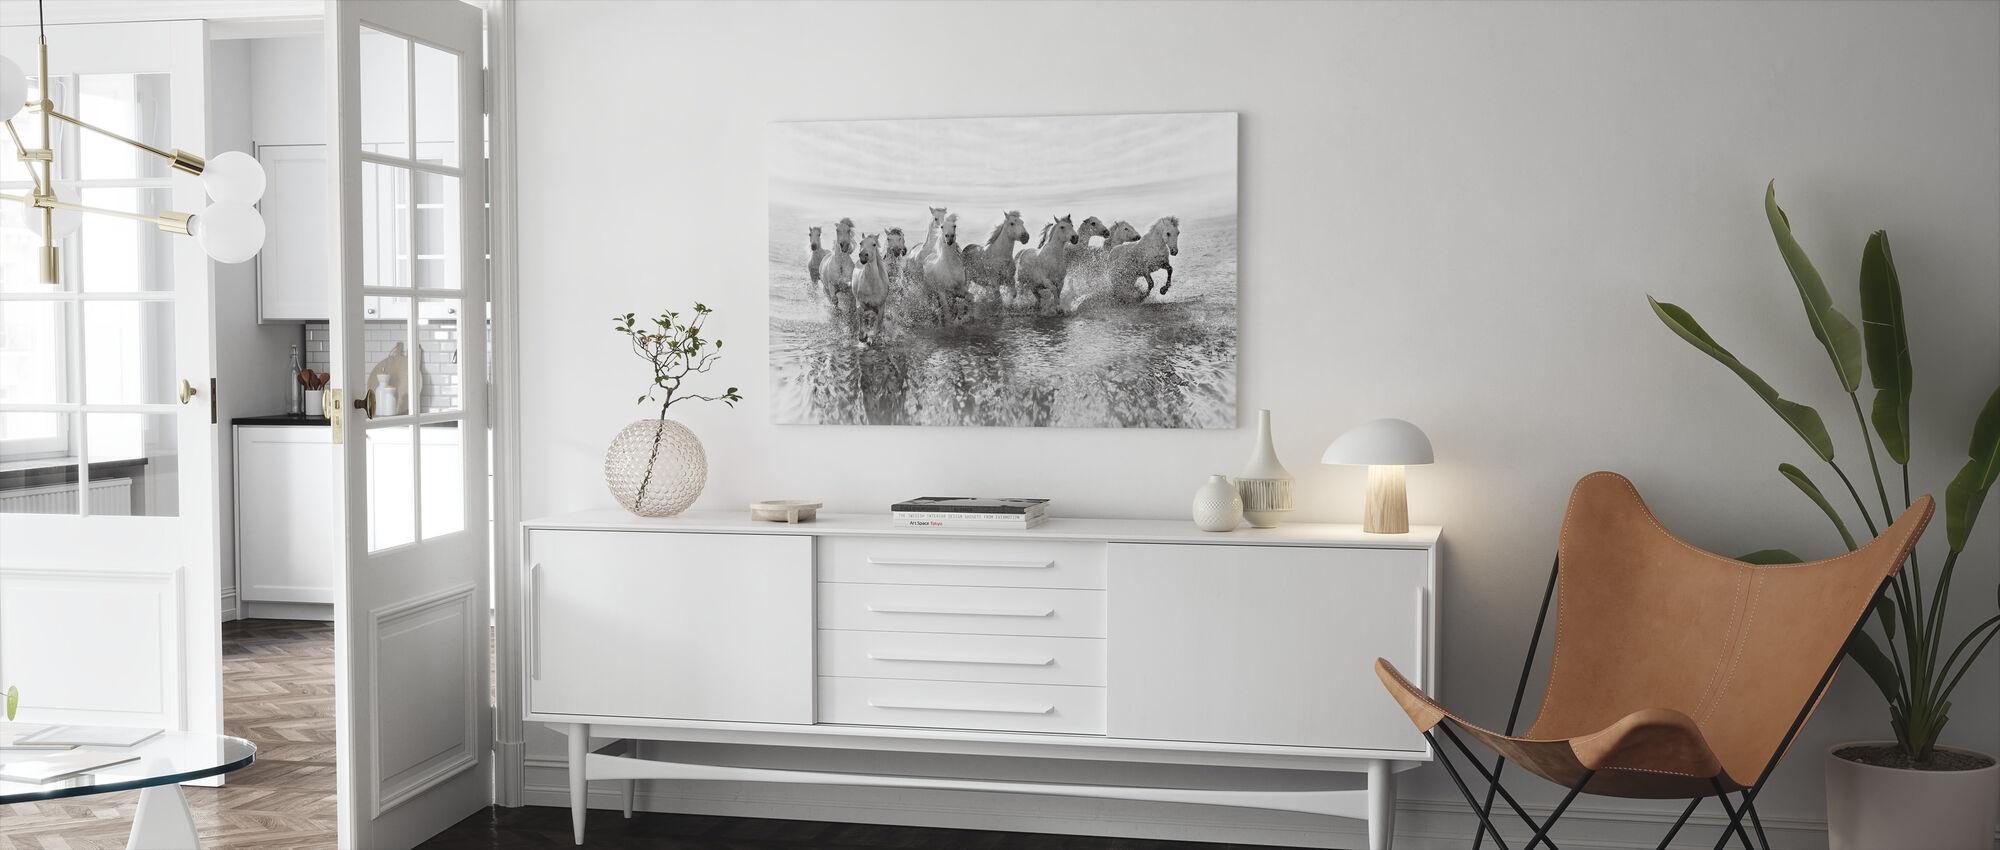 Illusion av Makt (13 hästkraft men) - Canvastavla - Vardagsrum